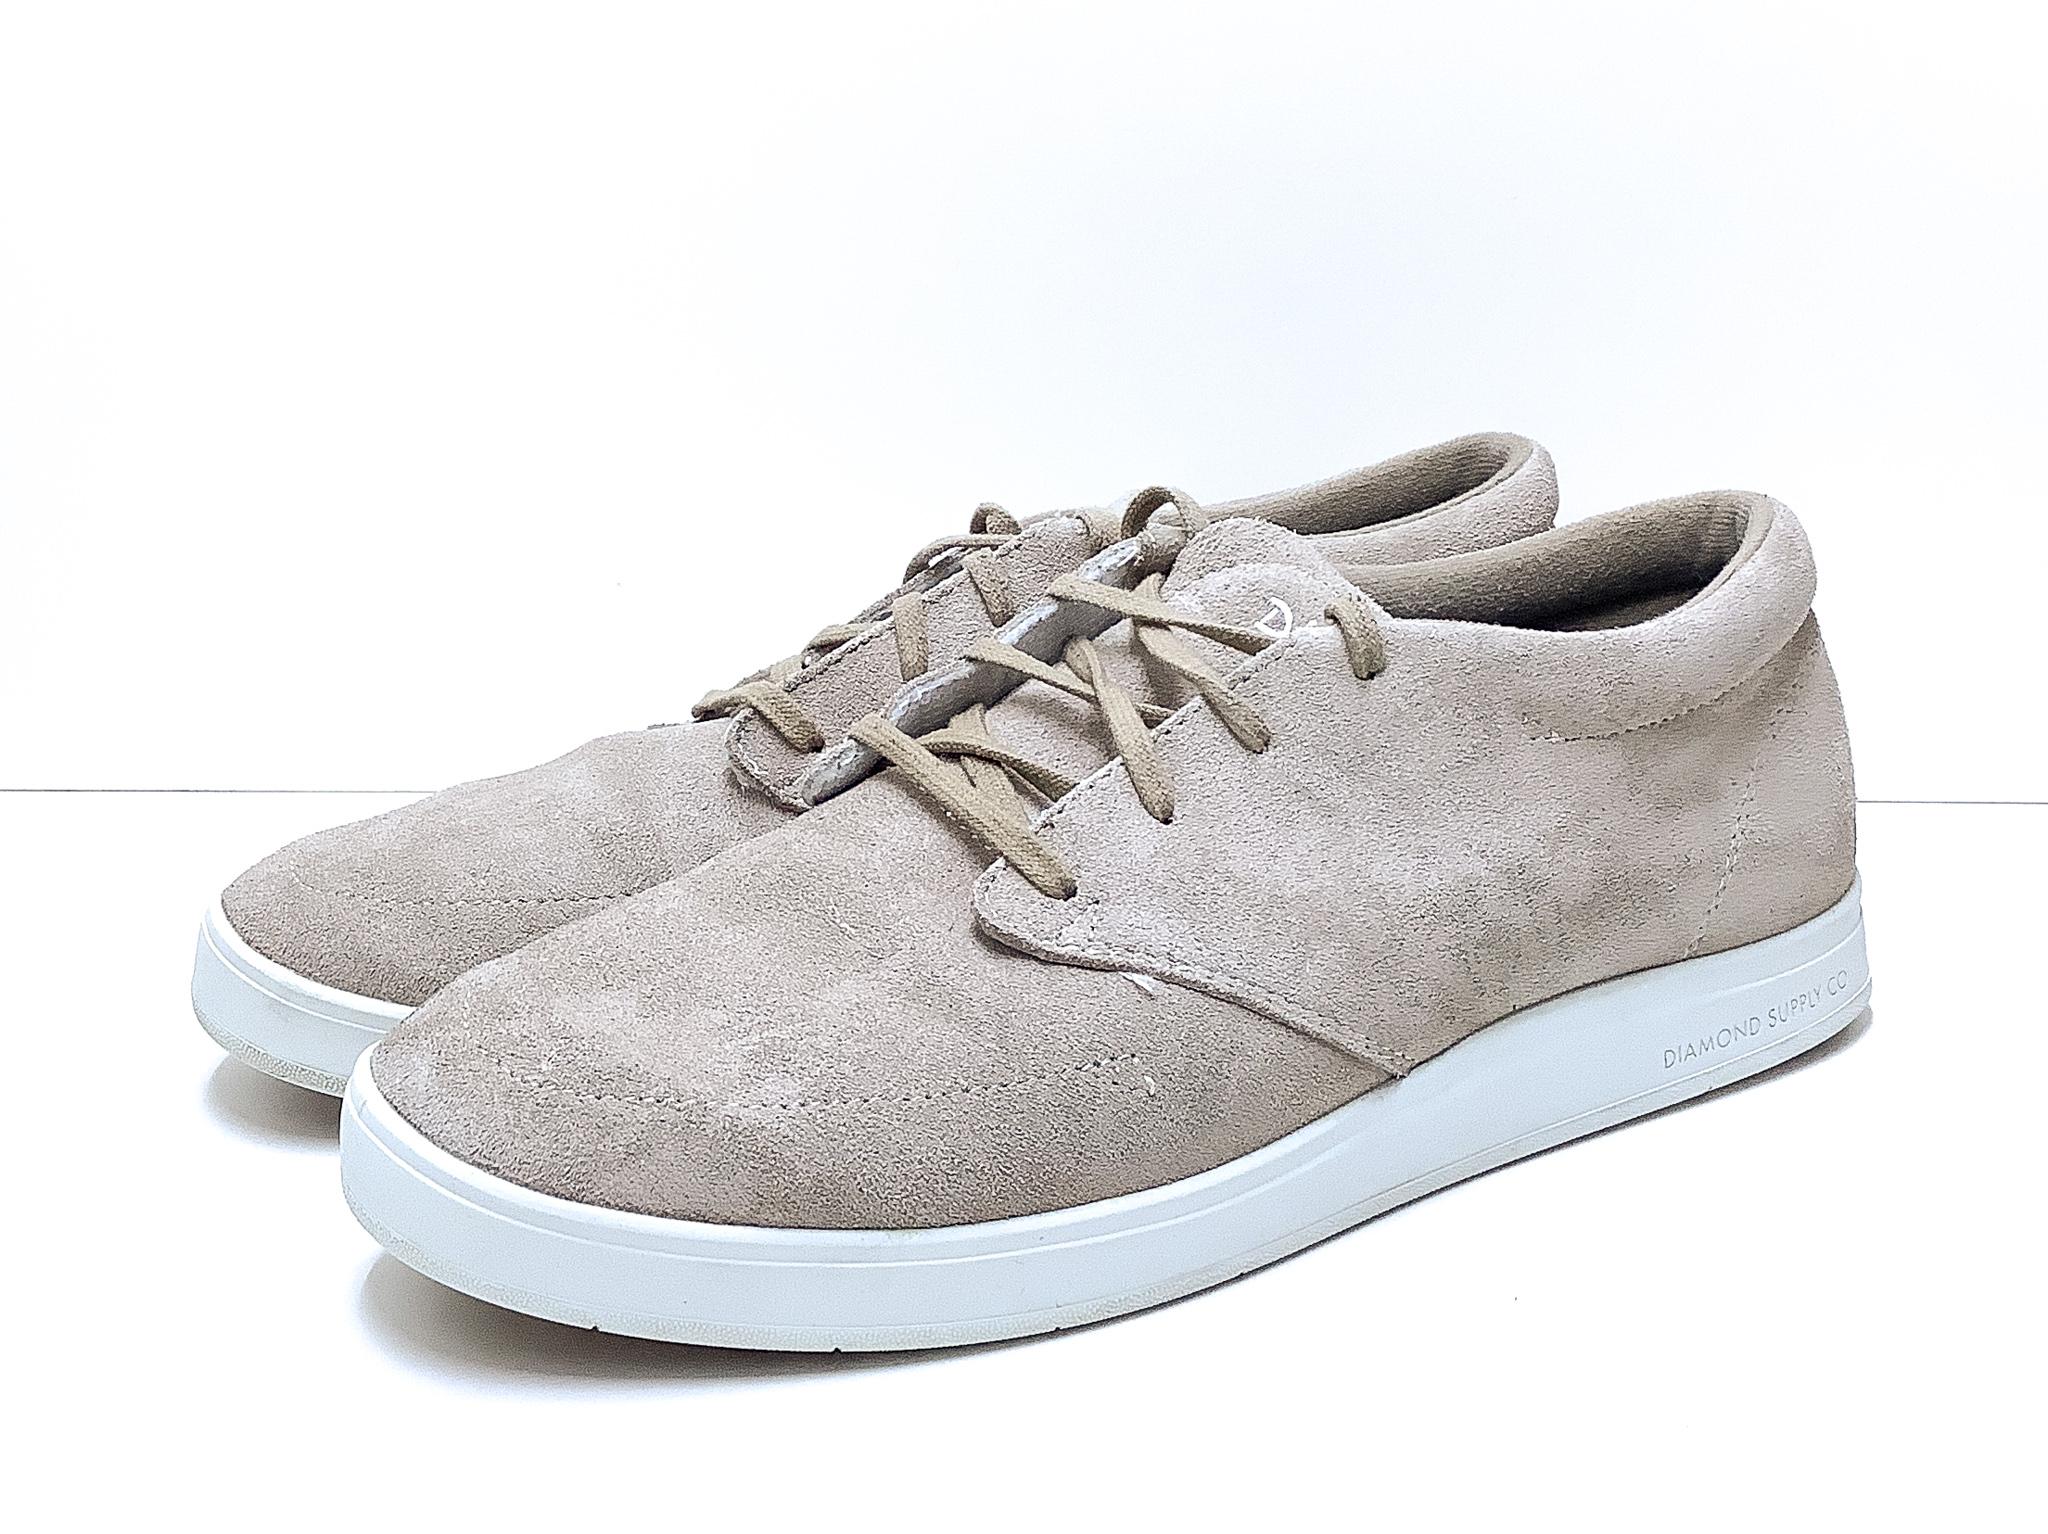 Diamond Footwear Deck